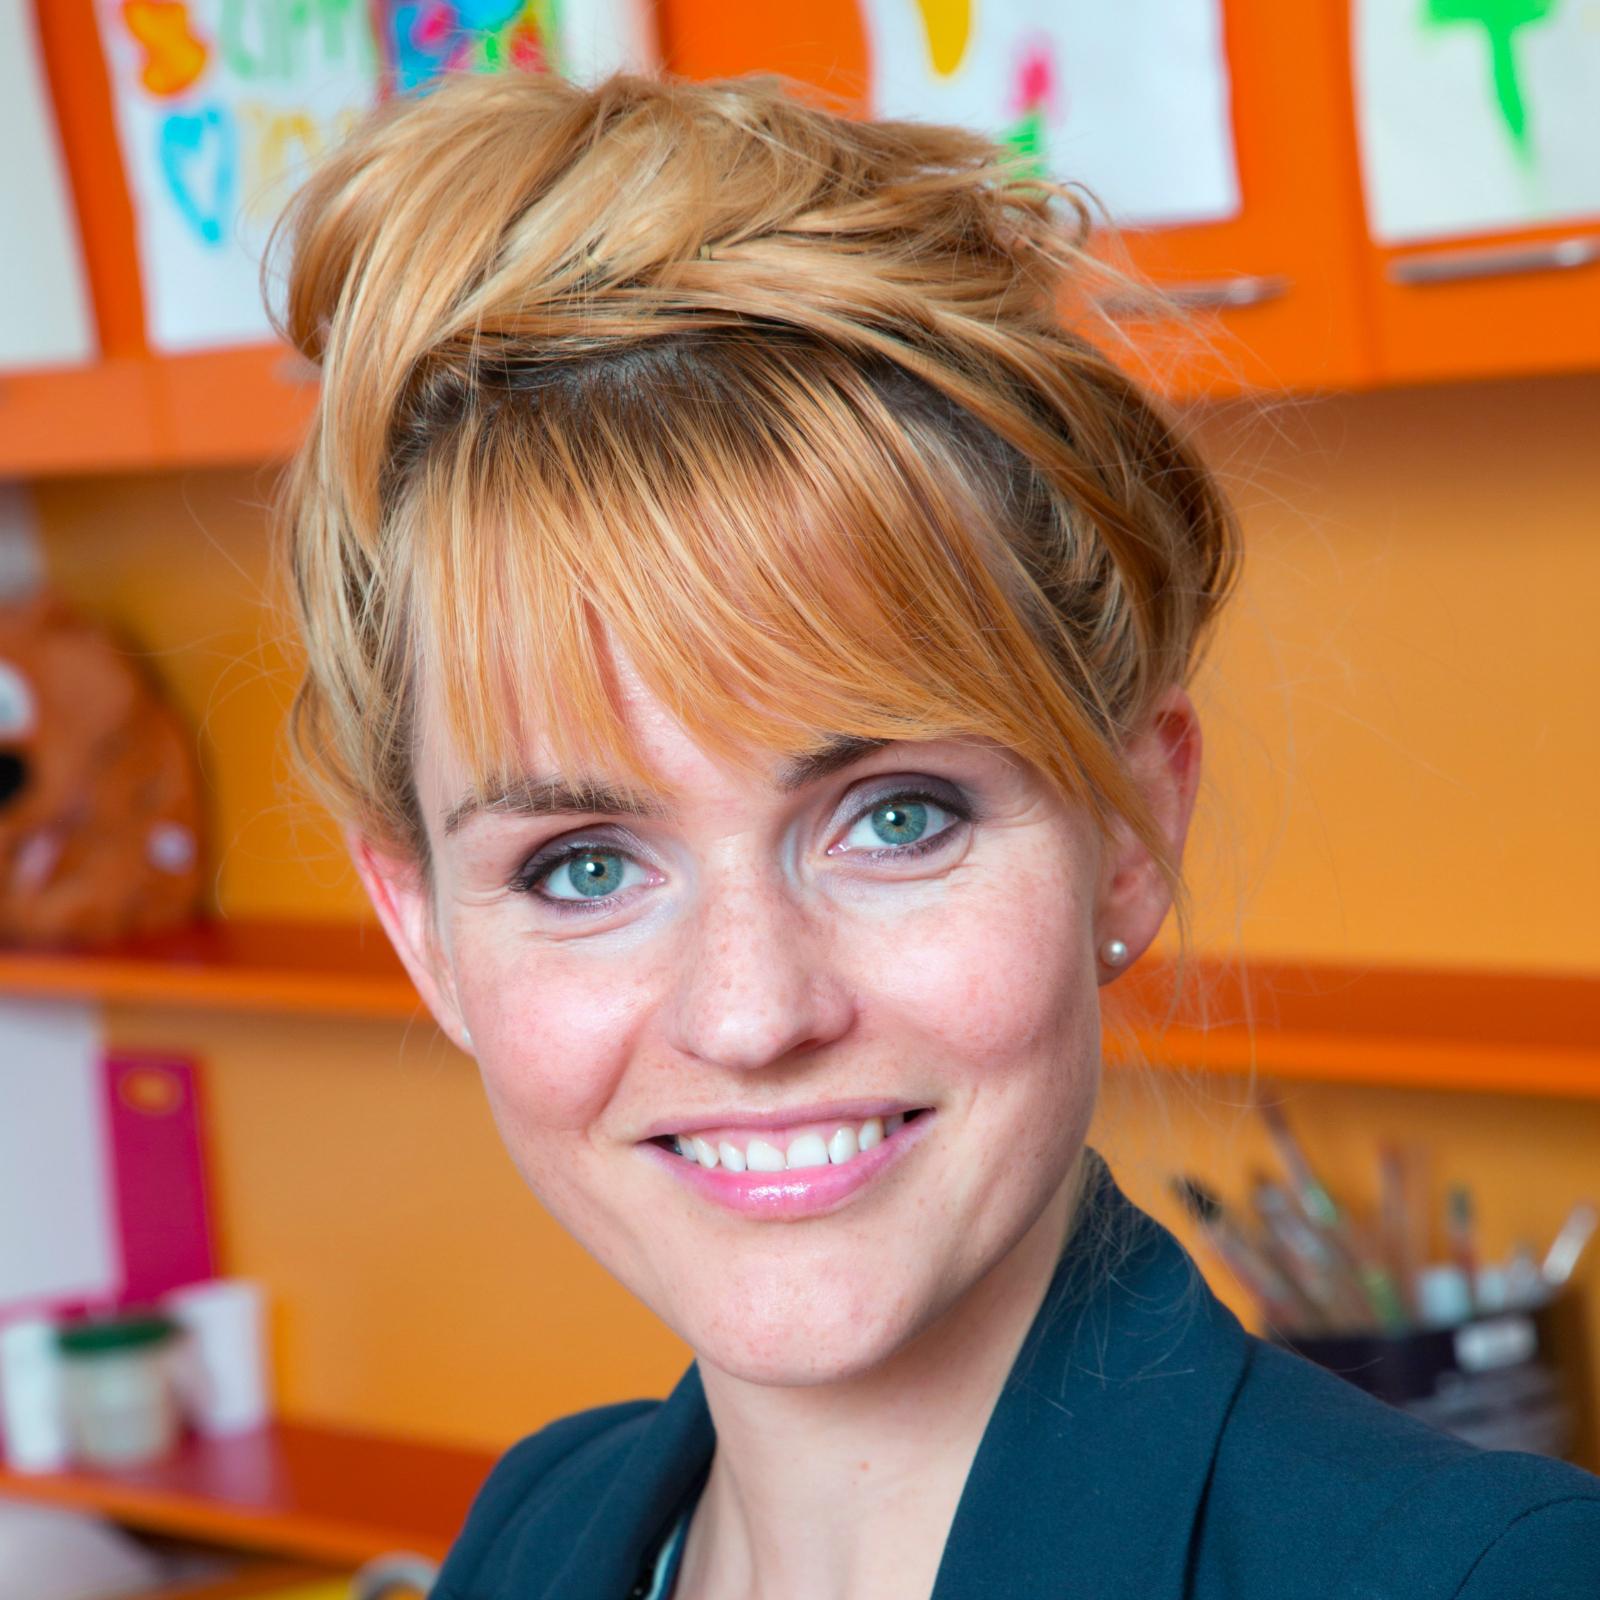 Sofie van den Enk recibió un salario de  millones de dólares, dejando un patrimonio de 2 millones en 2018